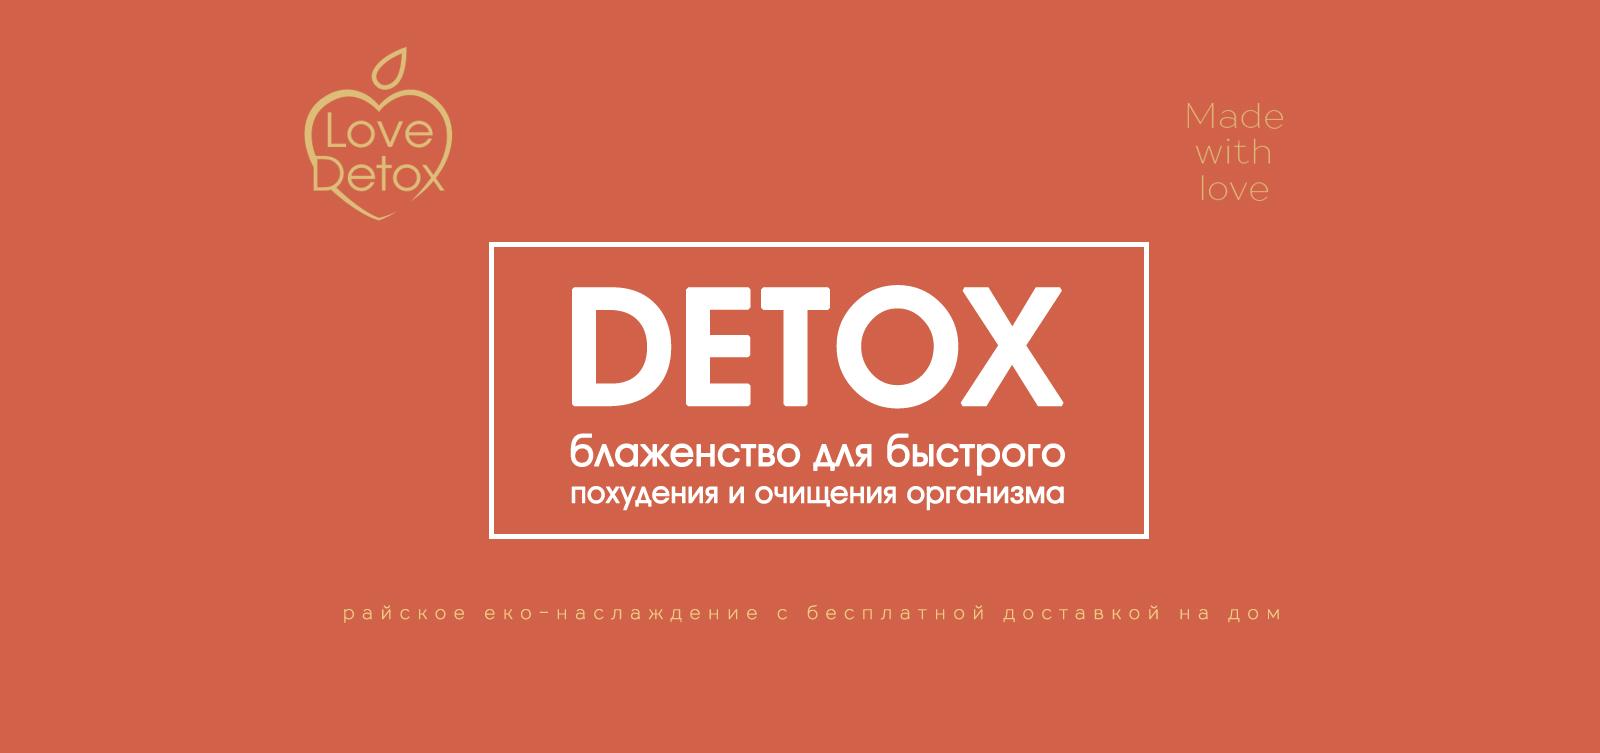 промо сайт детокс